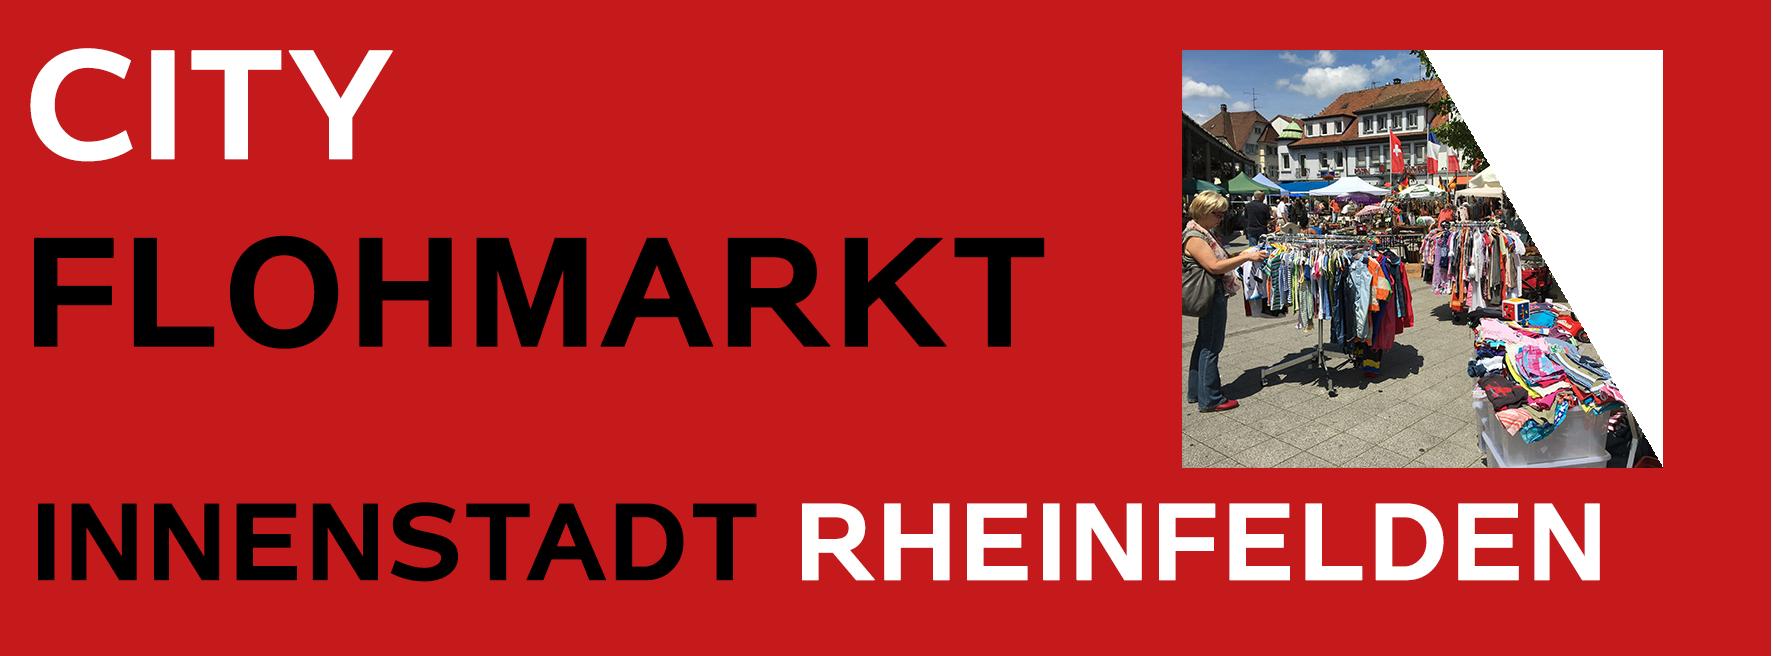 flohmarkt sonntag baden württemberg